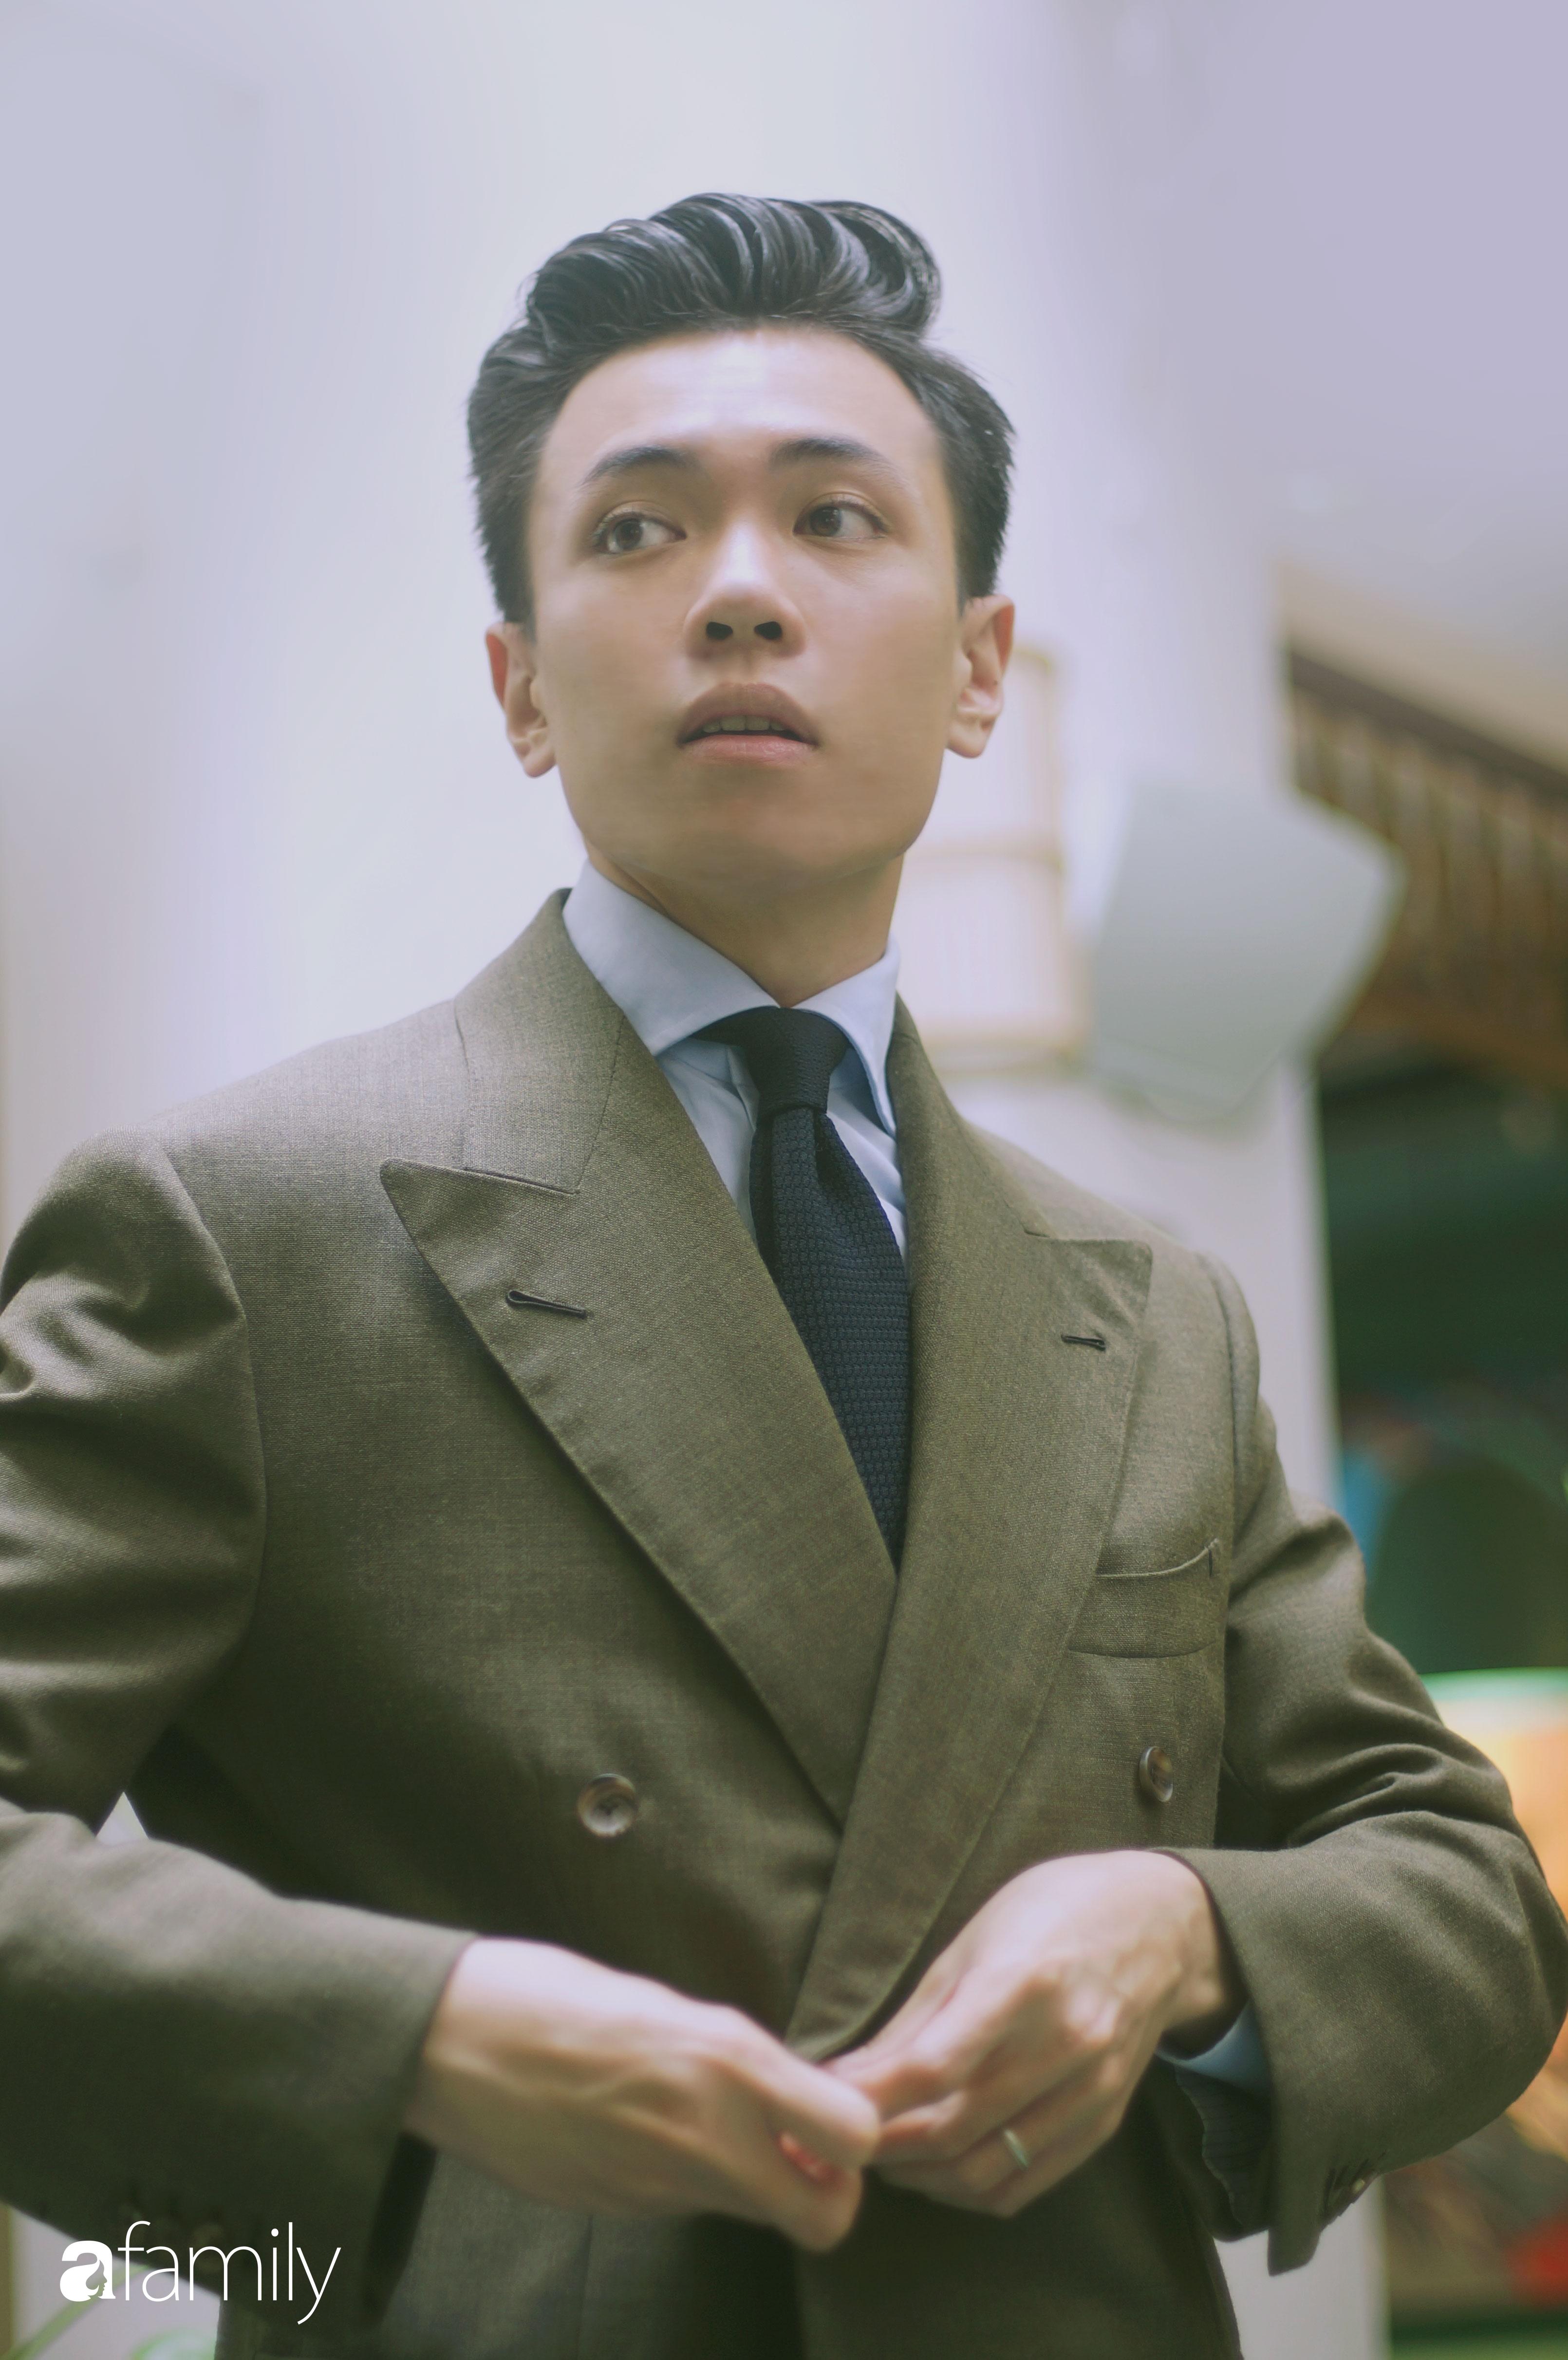 Đặng Trần Tùng – thầy giáo soái ca là 1 trong 5 người Việt đầu tiên đạt 9.0 IELTS  lần đầu kể về đám cưới với bạn học, suốt 5 năm ngoài vợ không có cô bạn nào thân khác - Ảnh 8.